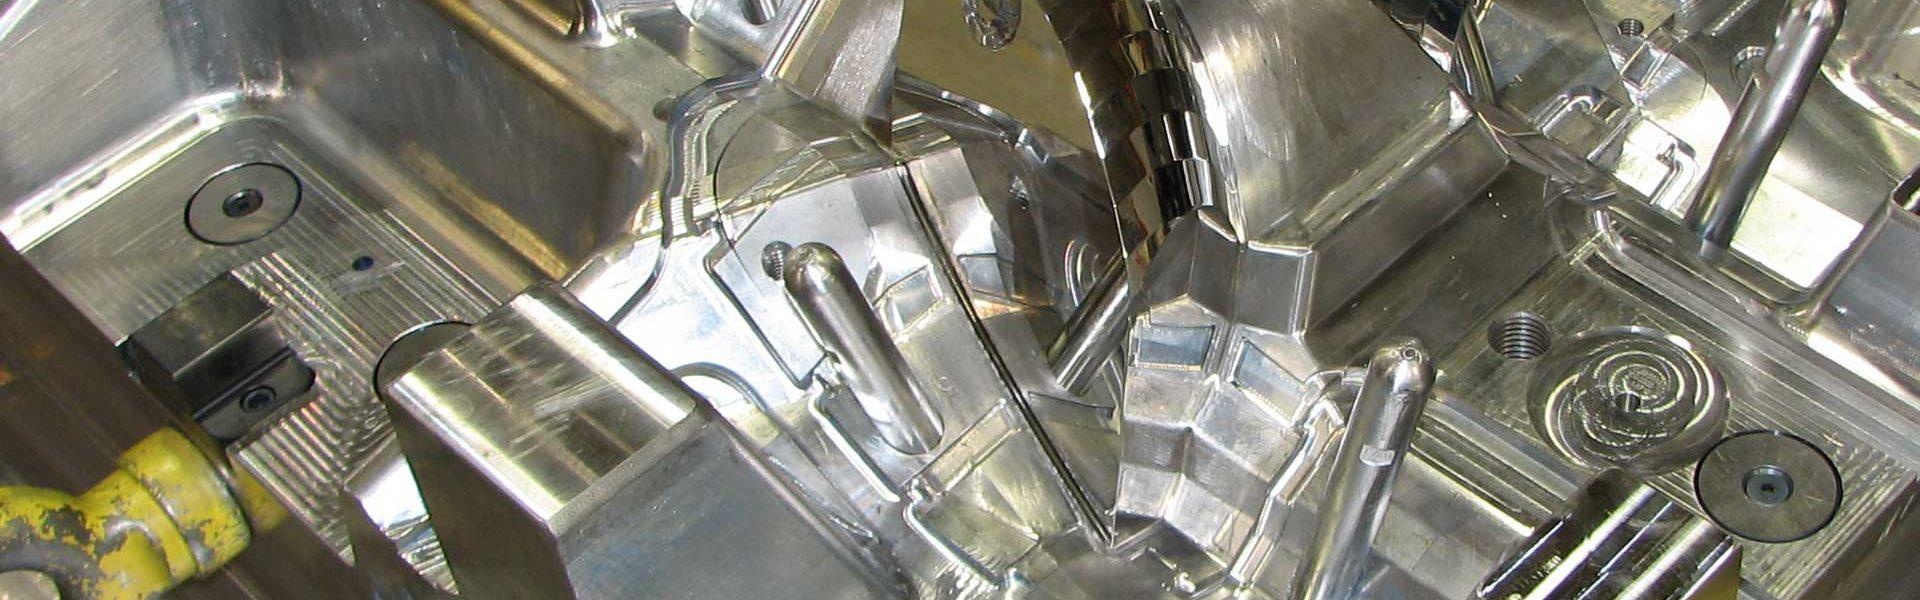 Windsor Mold Design Manufacturing